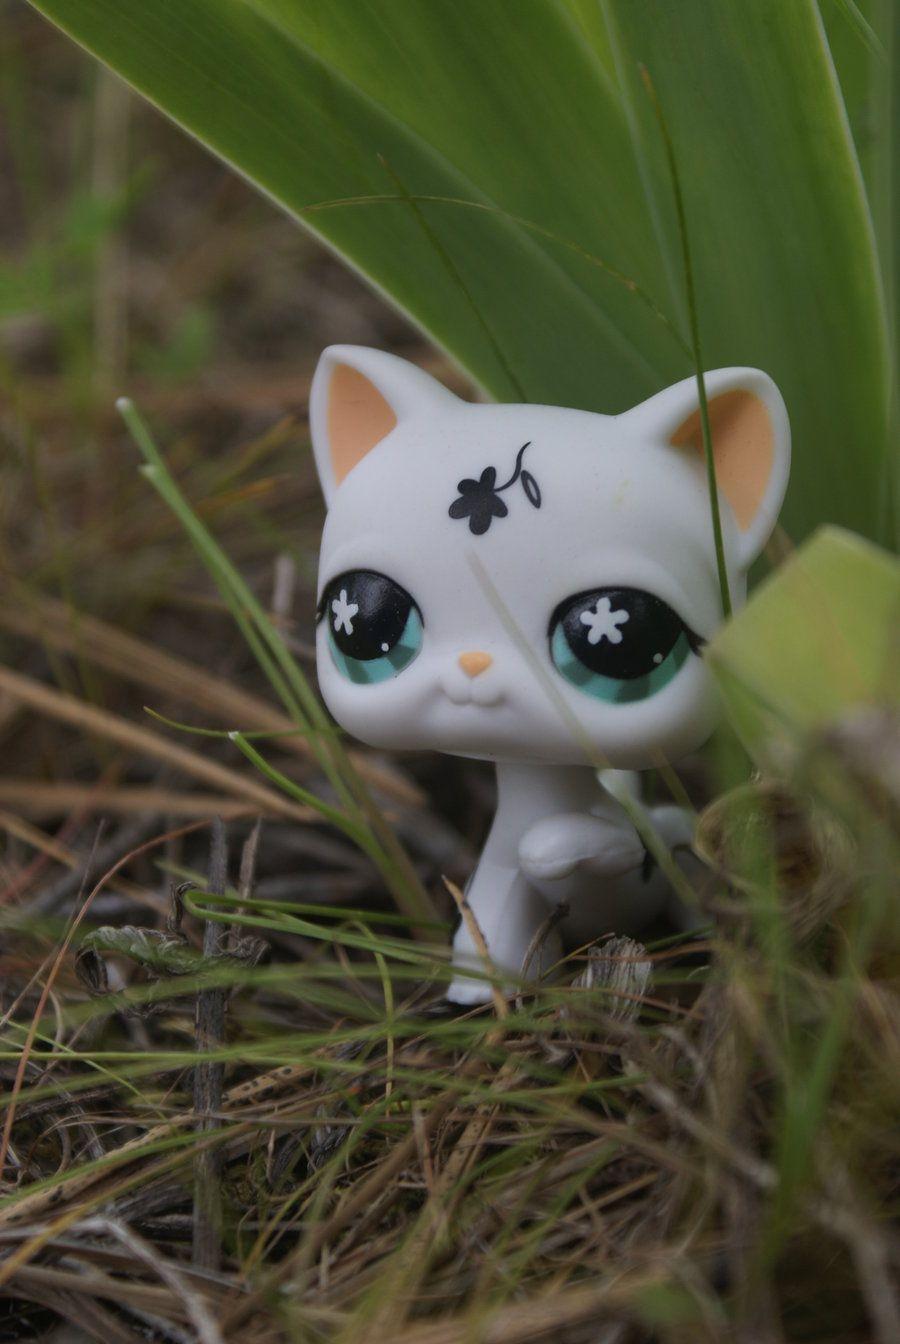 littlest pet shop cat Pets and Popcorn Pinterest So